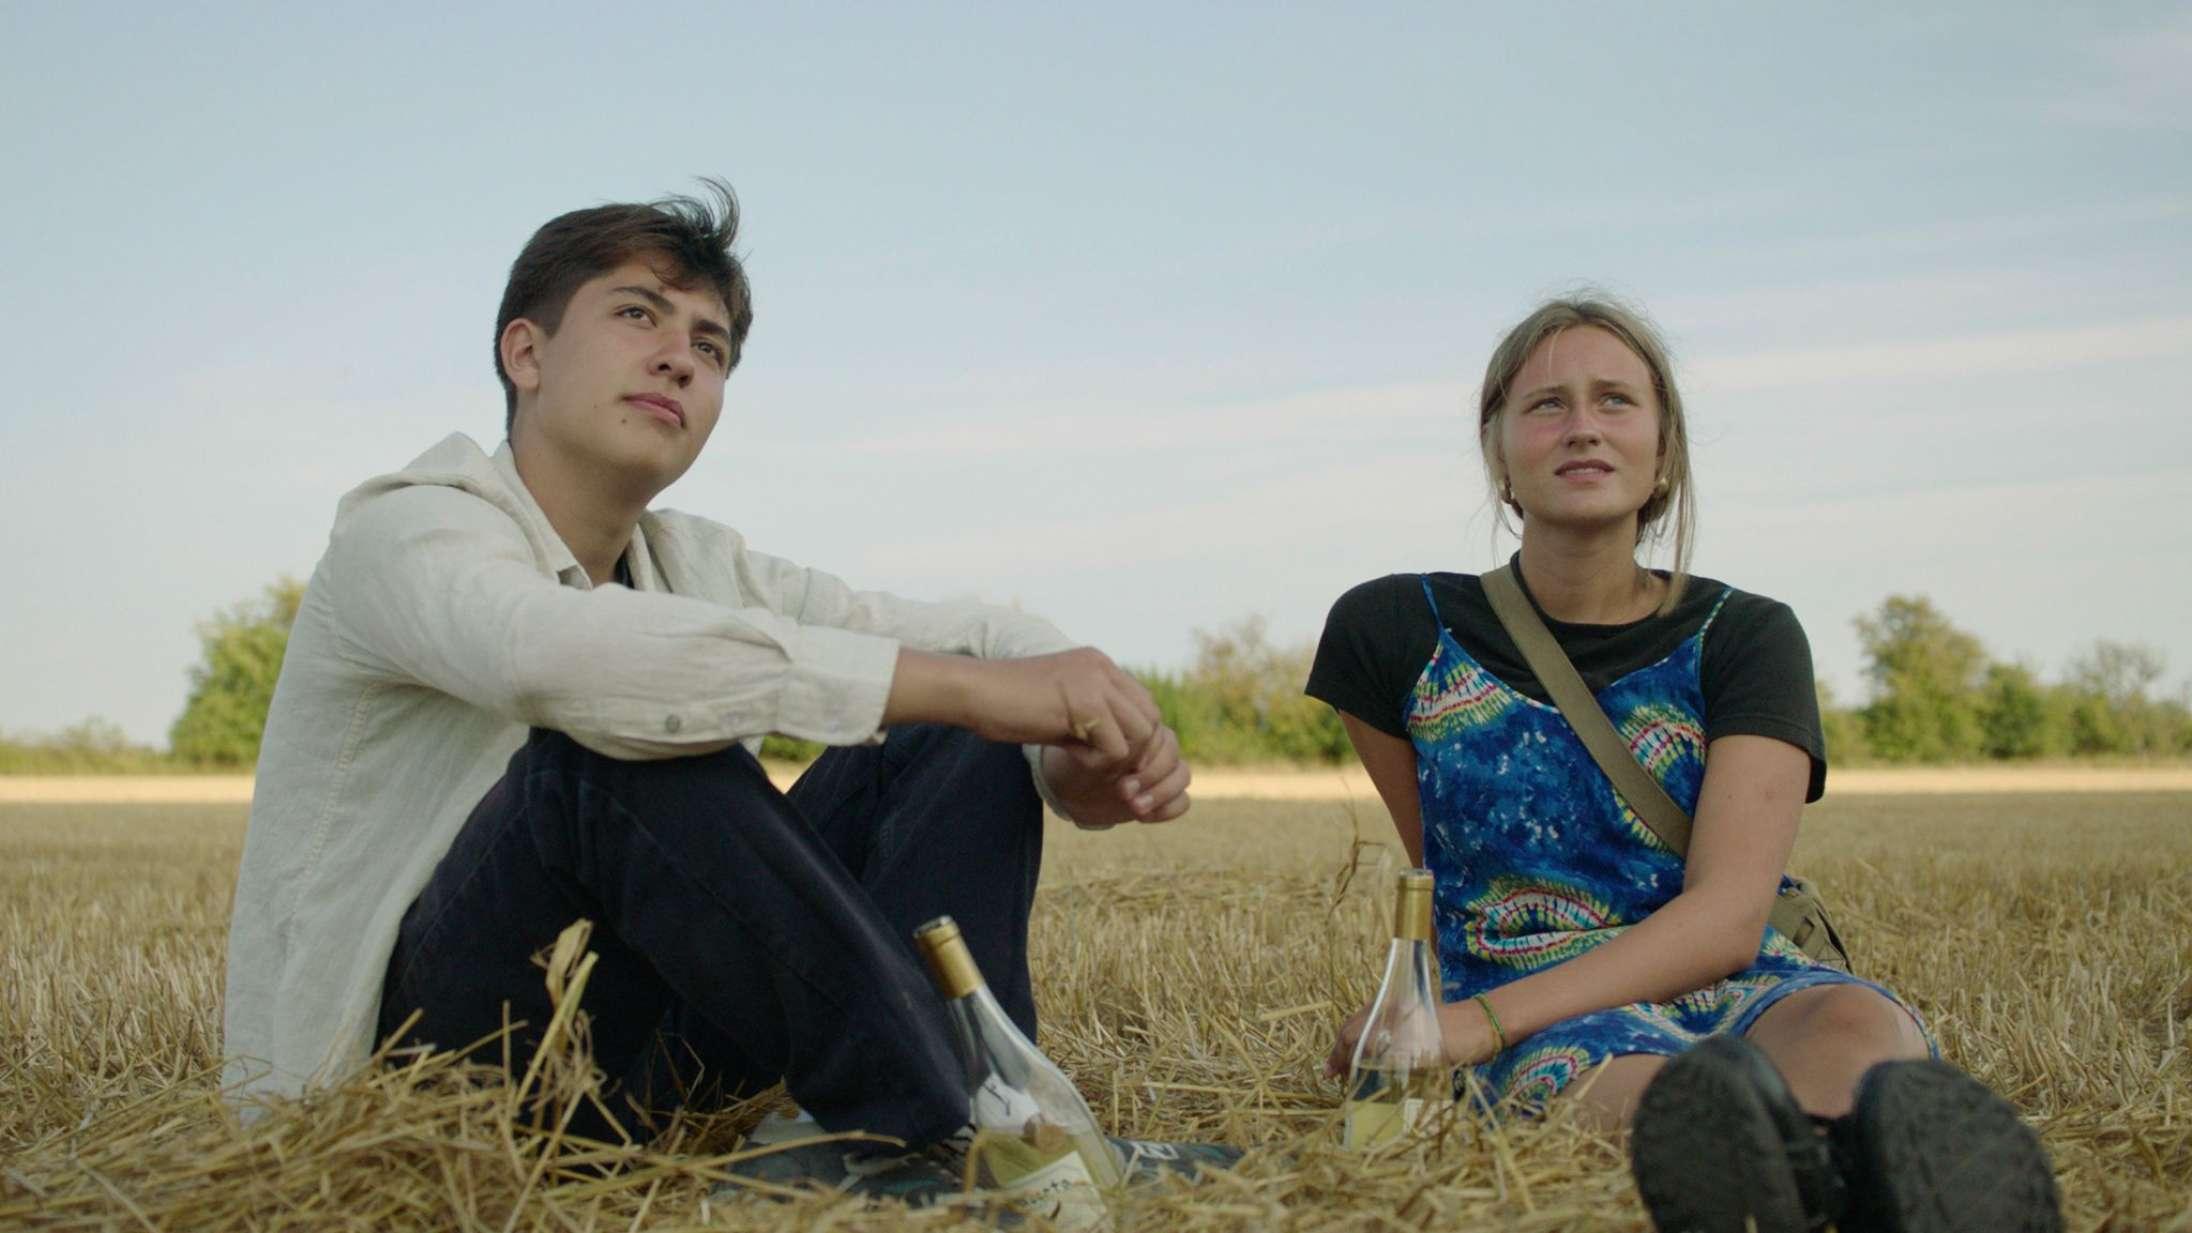 Se 'Centrum'-instruktør Jonas Risvigs nye ungdomsfilm med musik af Danni Toma